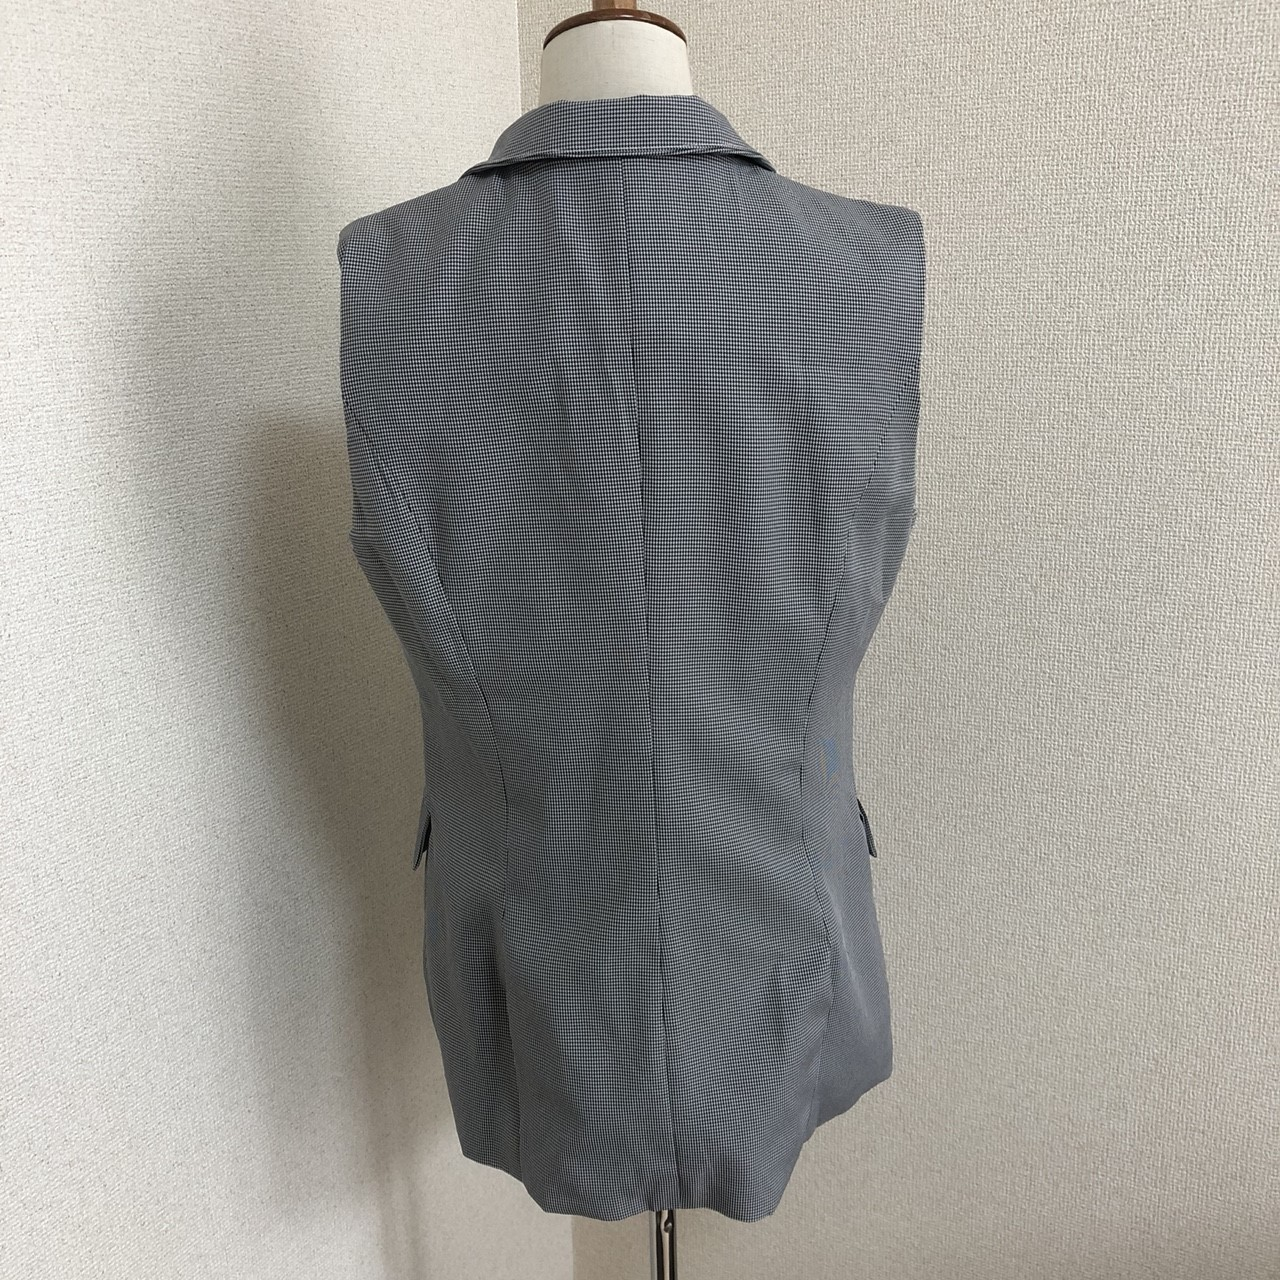 【即納】韓国 ファッション パンツ セットアップ パーティードレス 結婚式 お呼ばれドレス 春 夏 パーティー ブライダル SPTX9206  ノースリーブジャケット テーパ 二次会 セレブ きれいめの写真17枚目